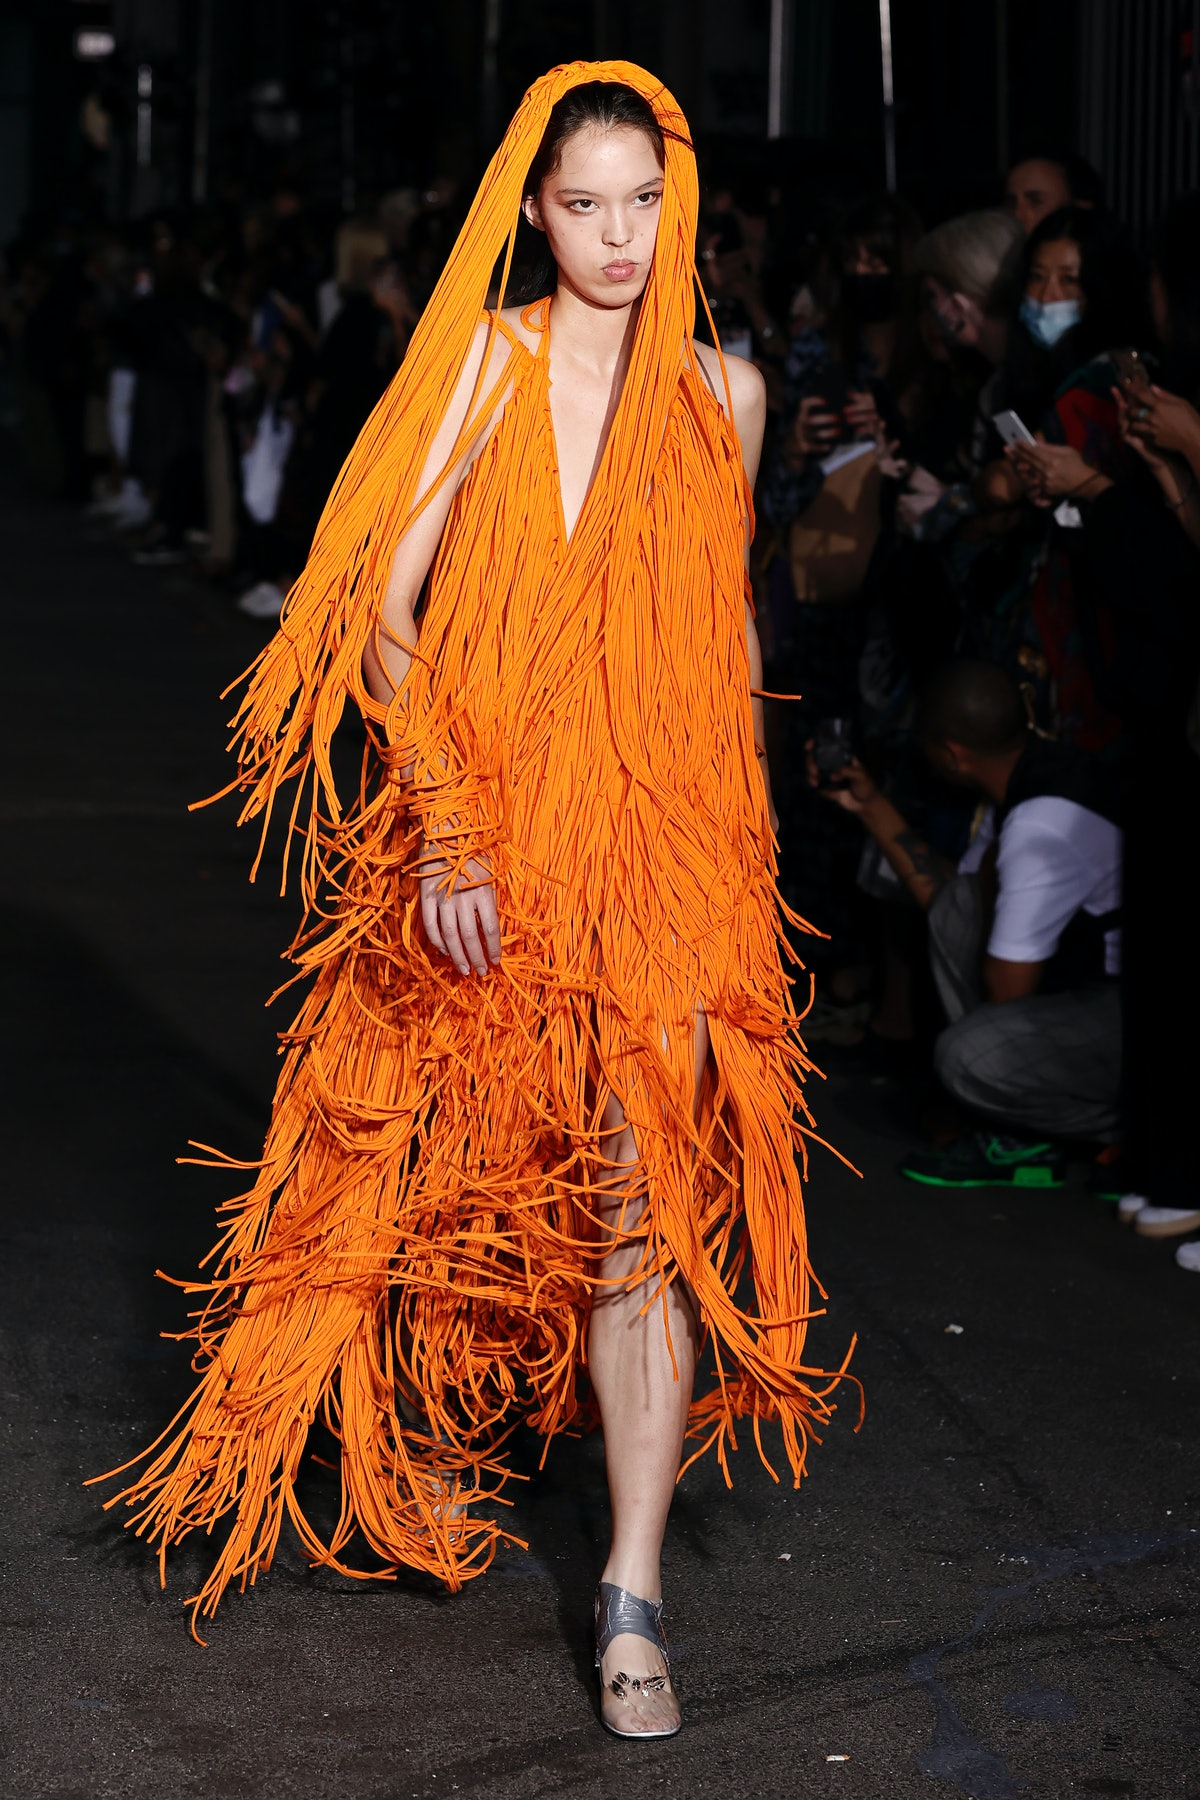 نیویورک ، نیویورک - 12 سپتامبر: یک مدل در نیویورک روی باند Vaquera پیاده می رود: نمایش ها در Se ...